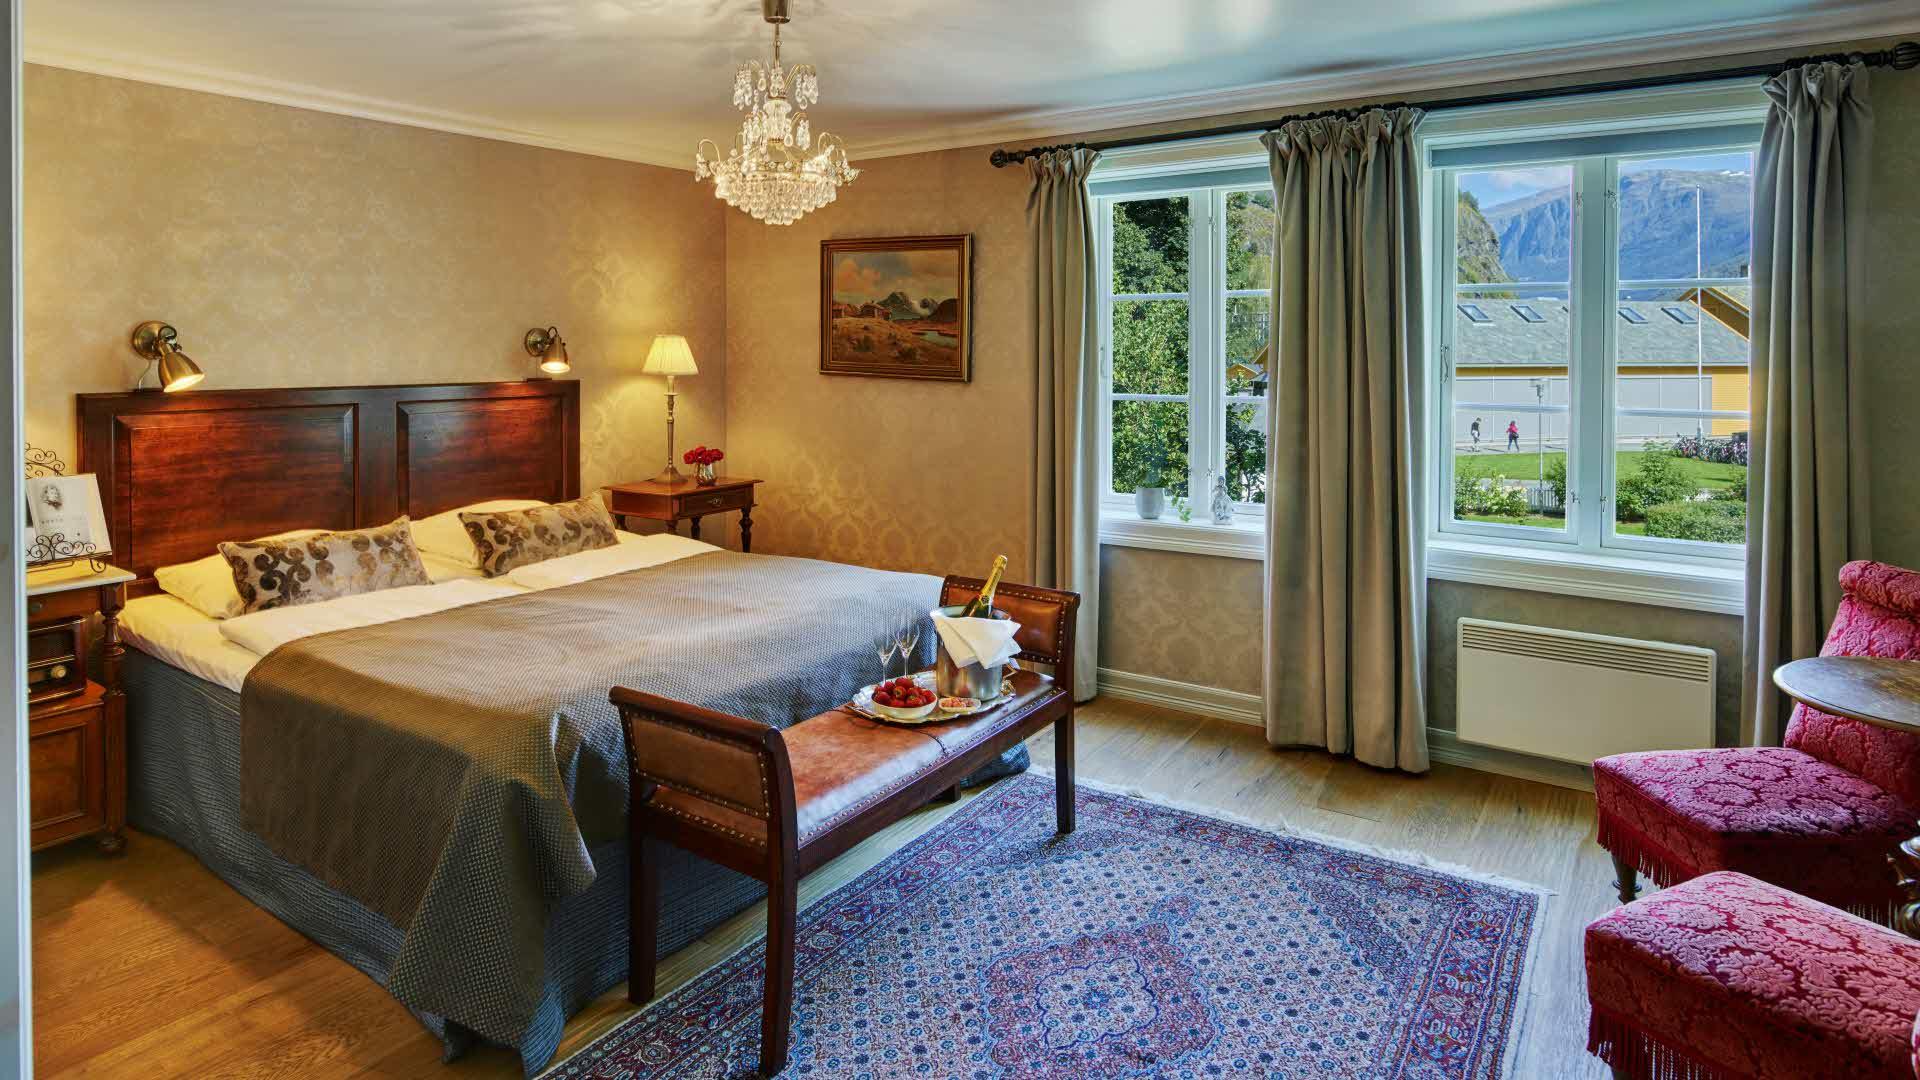 Et historisk rom på Fretheim Hotel med dobbeltseng, to røde antikke loungestoler, lysekrone og utsikt mot Flåm